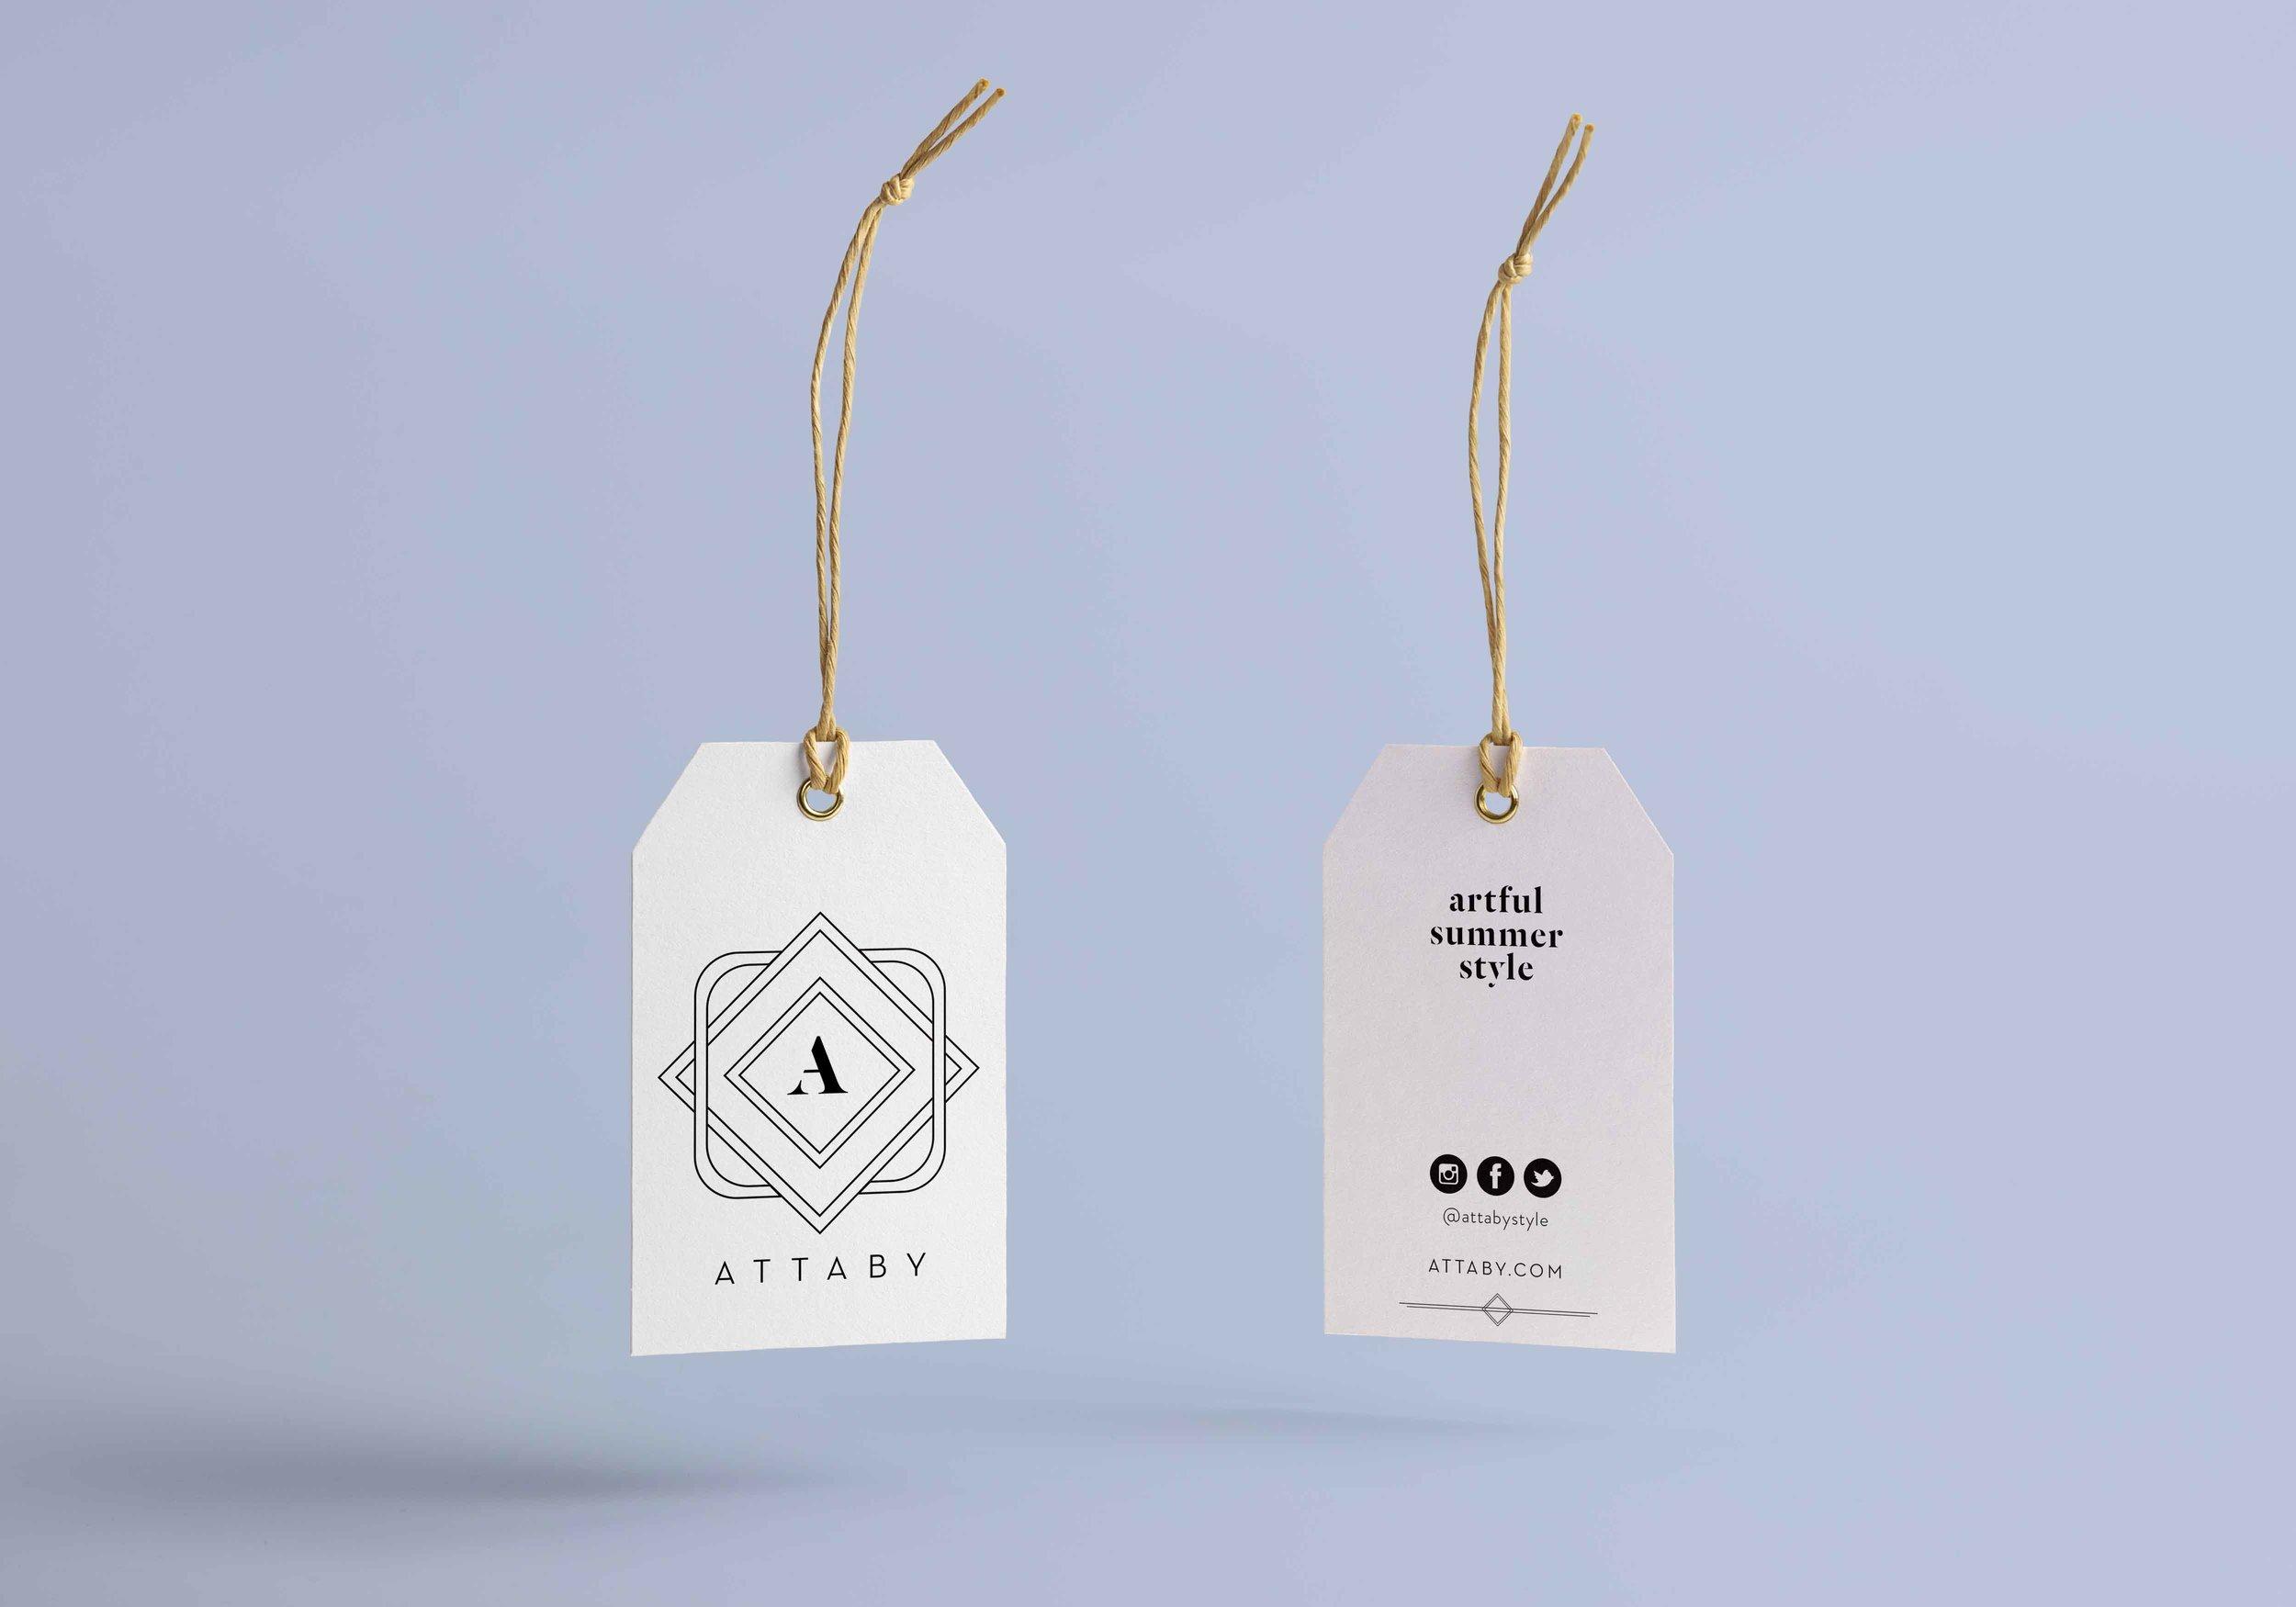 Attaby+Brand+Tag2.jpg